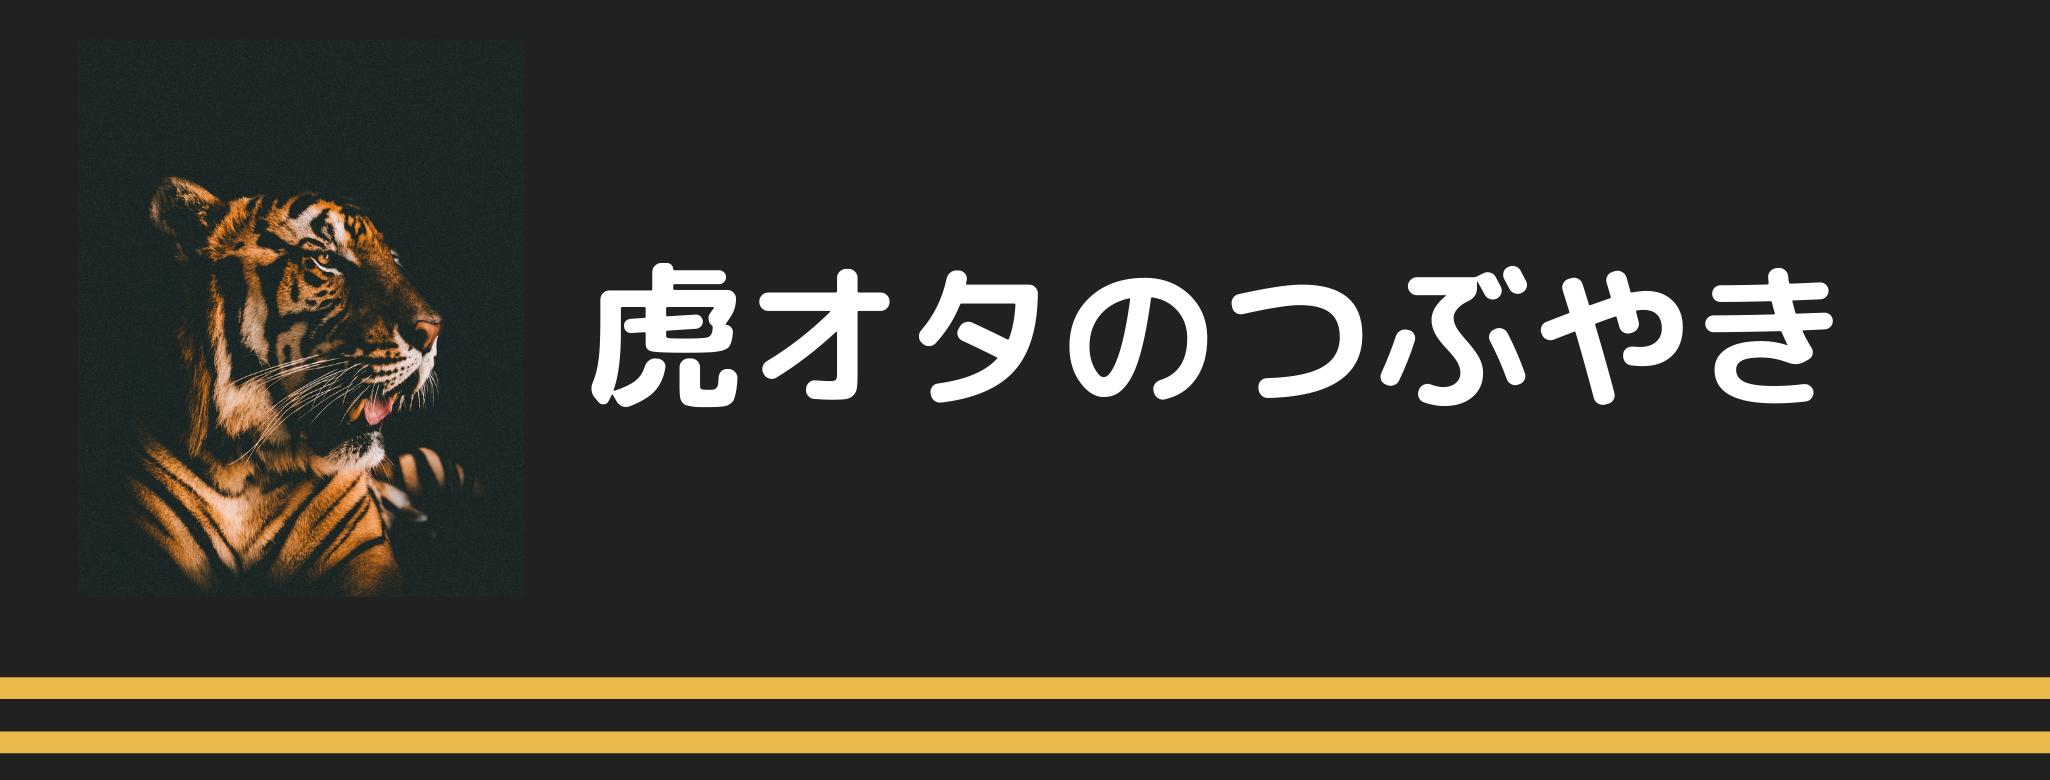 中野拓夢の画像 p1_25